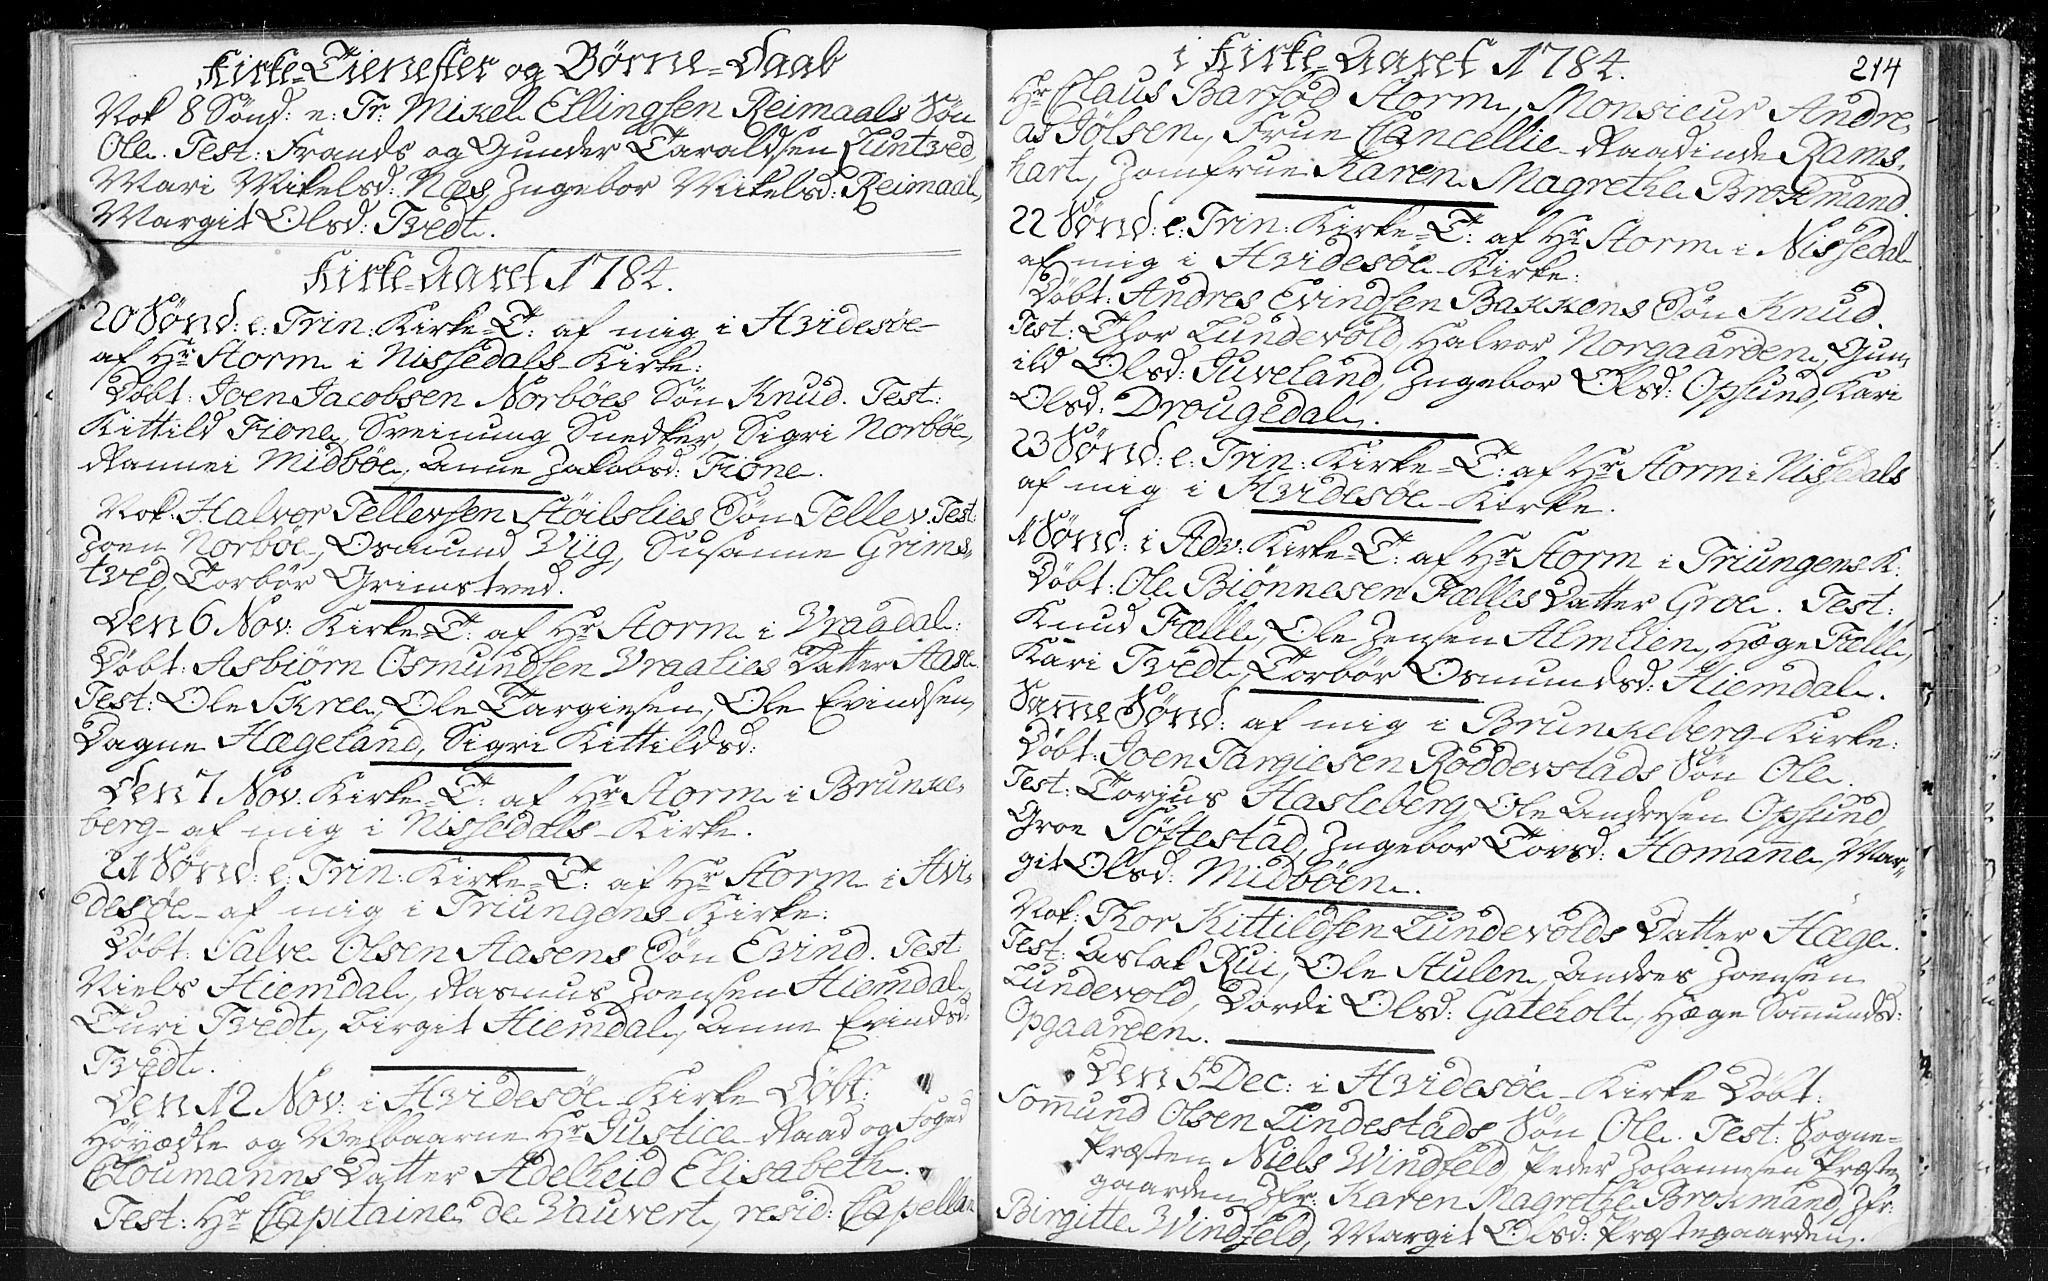 SAKO, Kviteseid kirkebøker, F/Fa/L0002: Ministerialbok nr. I 2, 1773-1786, s. 214